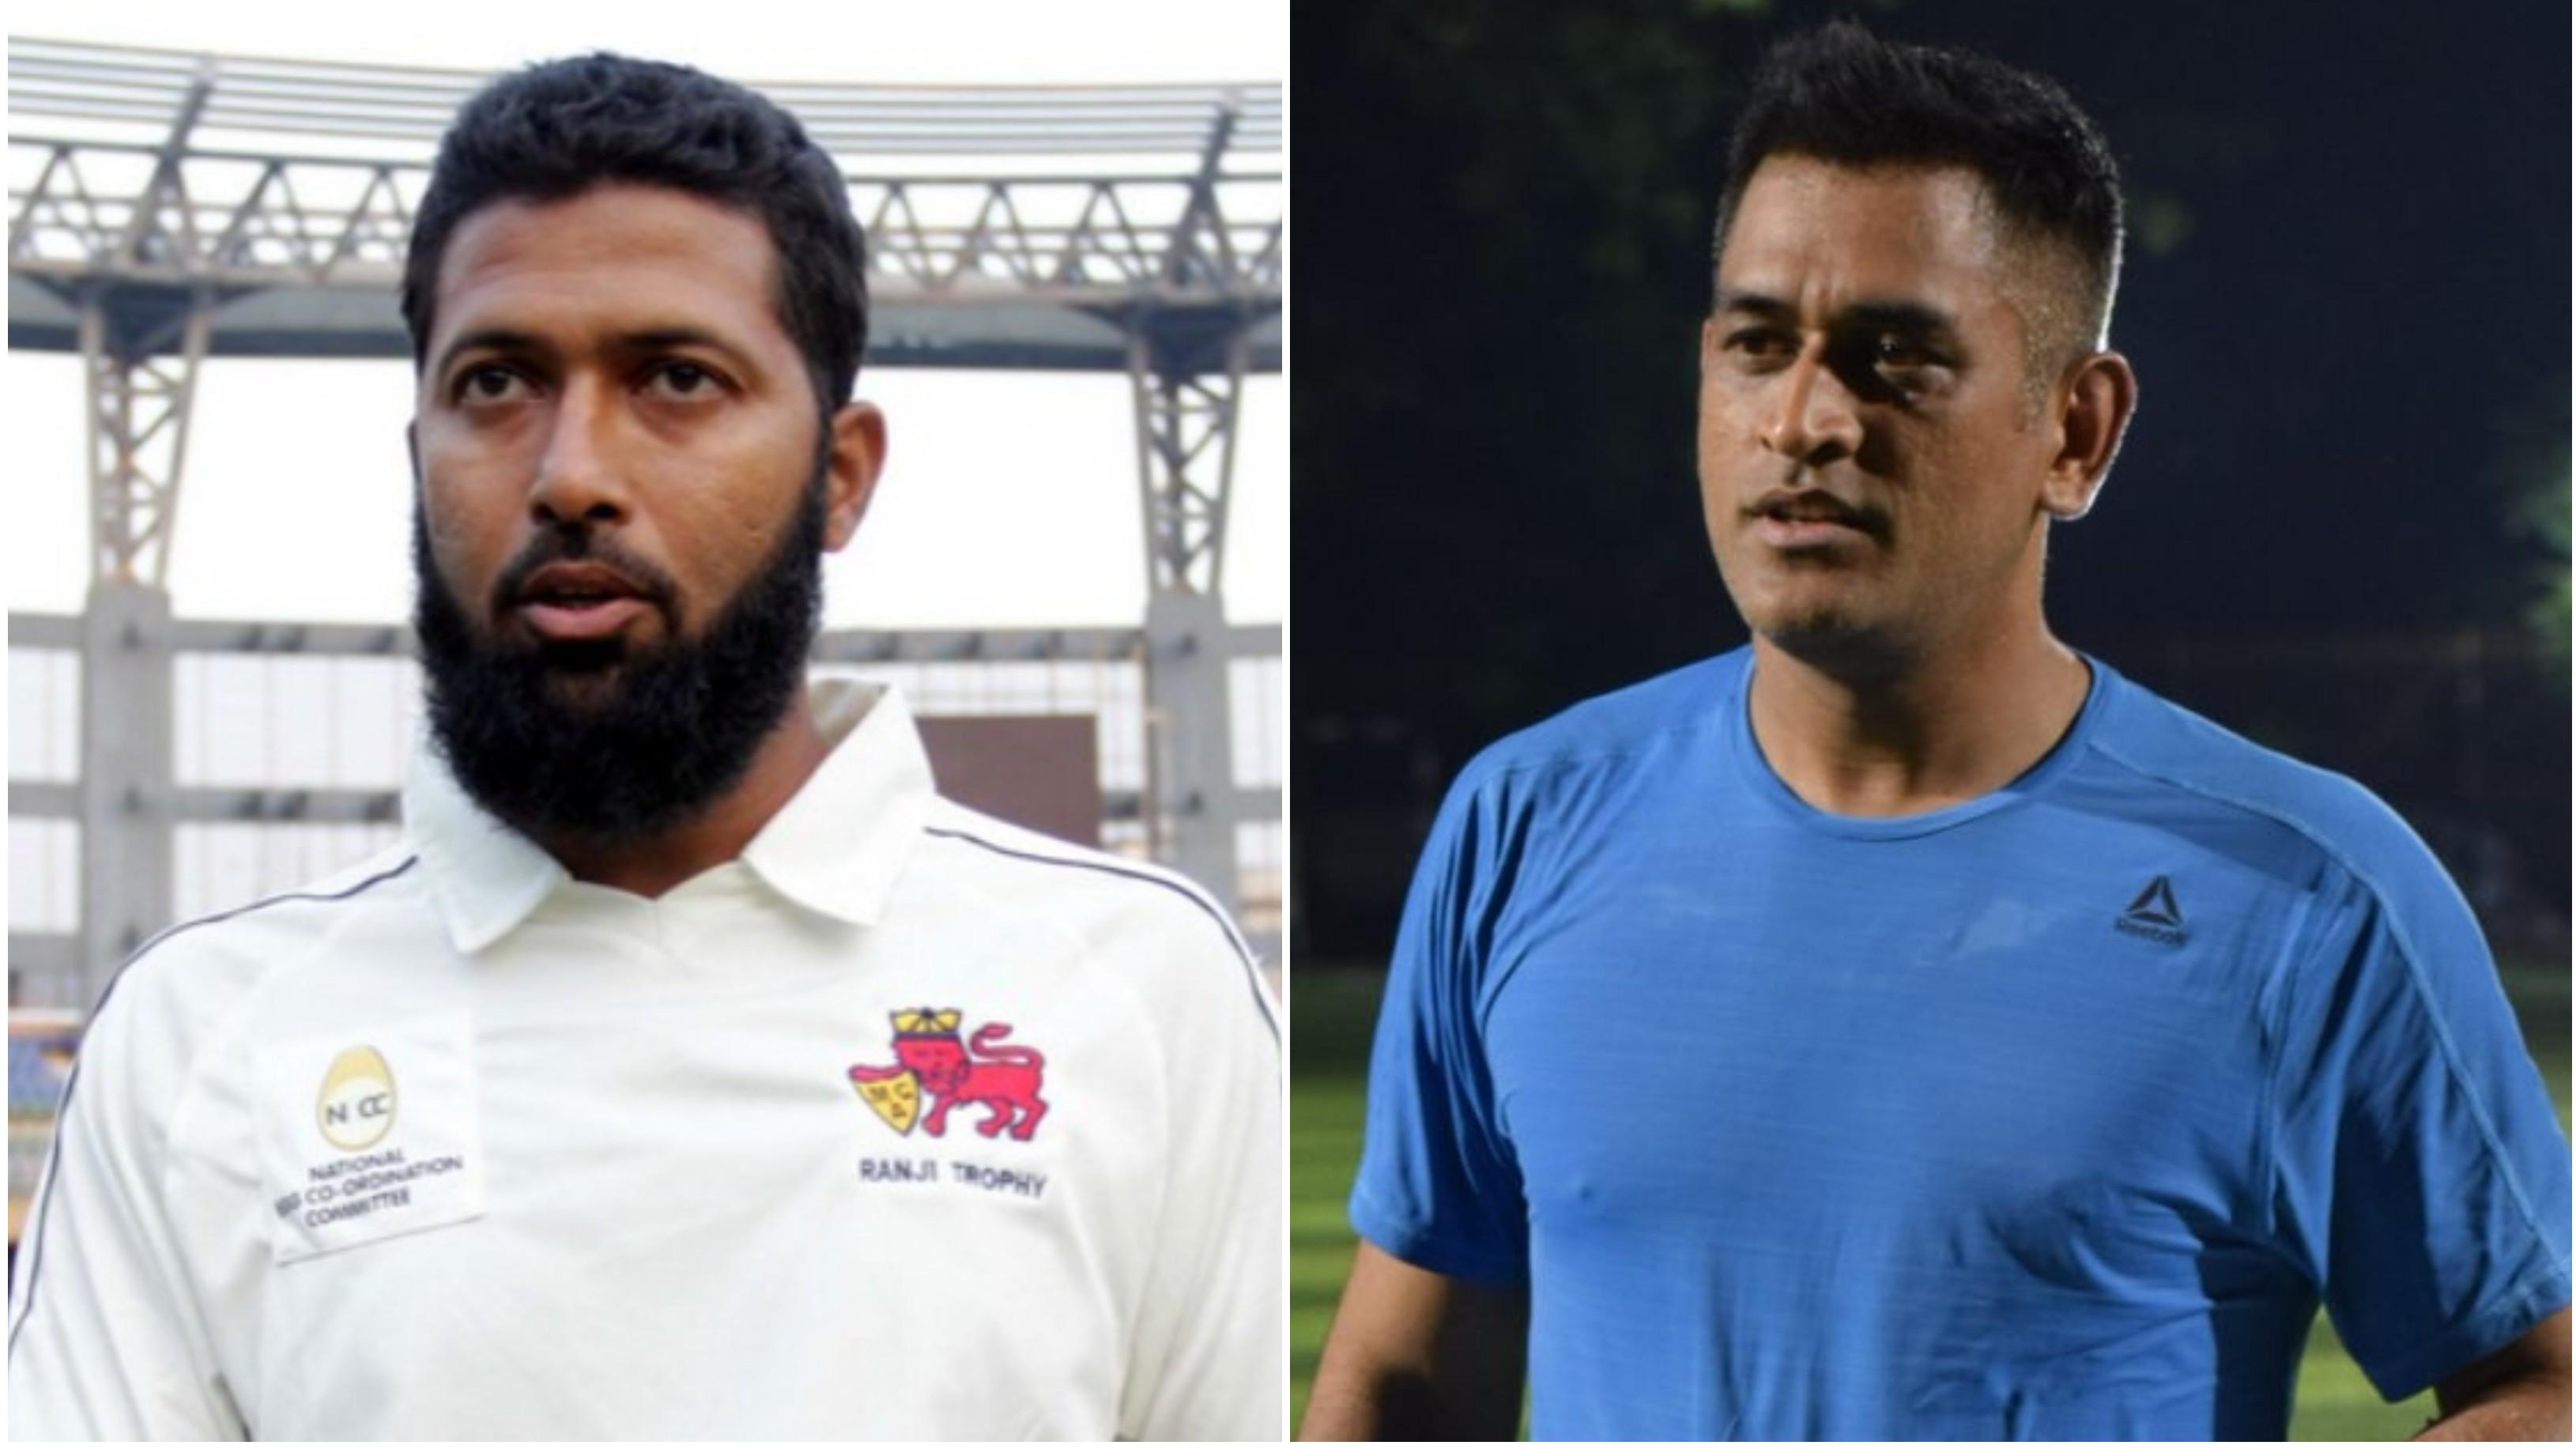 'महेंद्र सिंह धोनी क्रिकेट से सिर्फ 30 लाख कमाकर रांची में शांति से रहना चाहते थे'